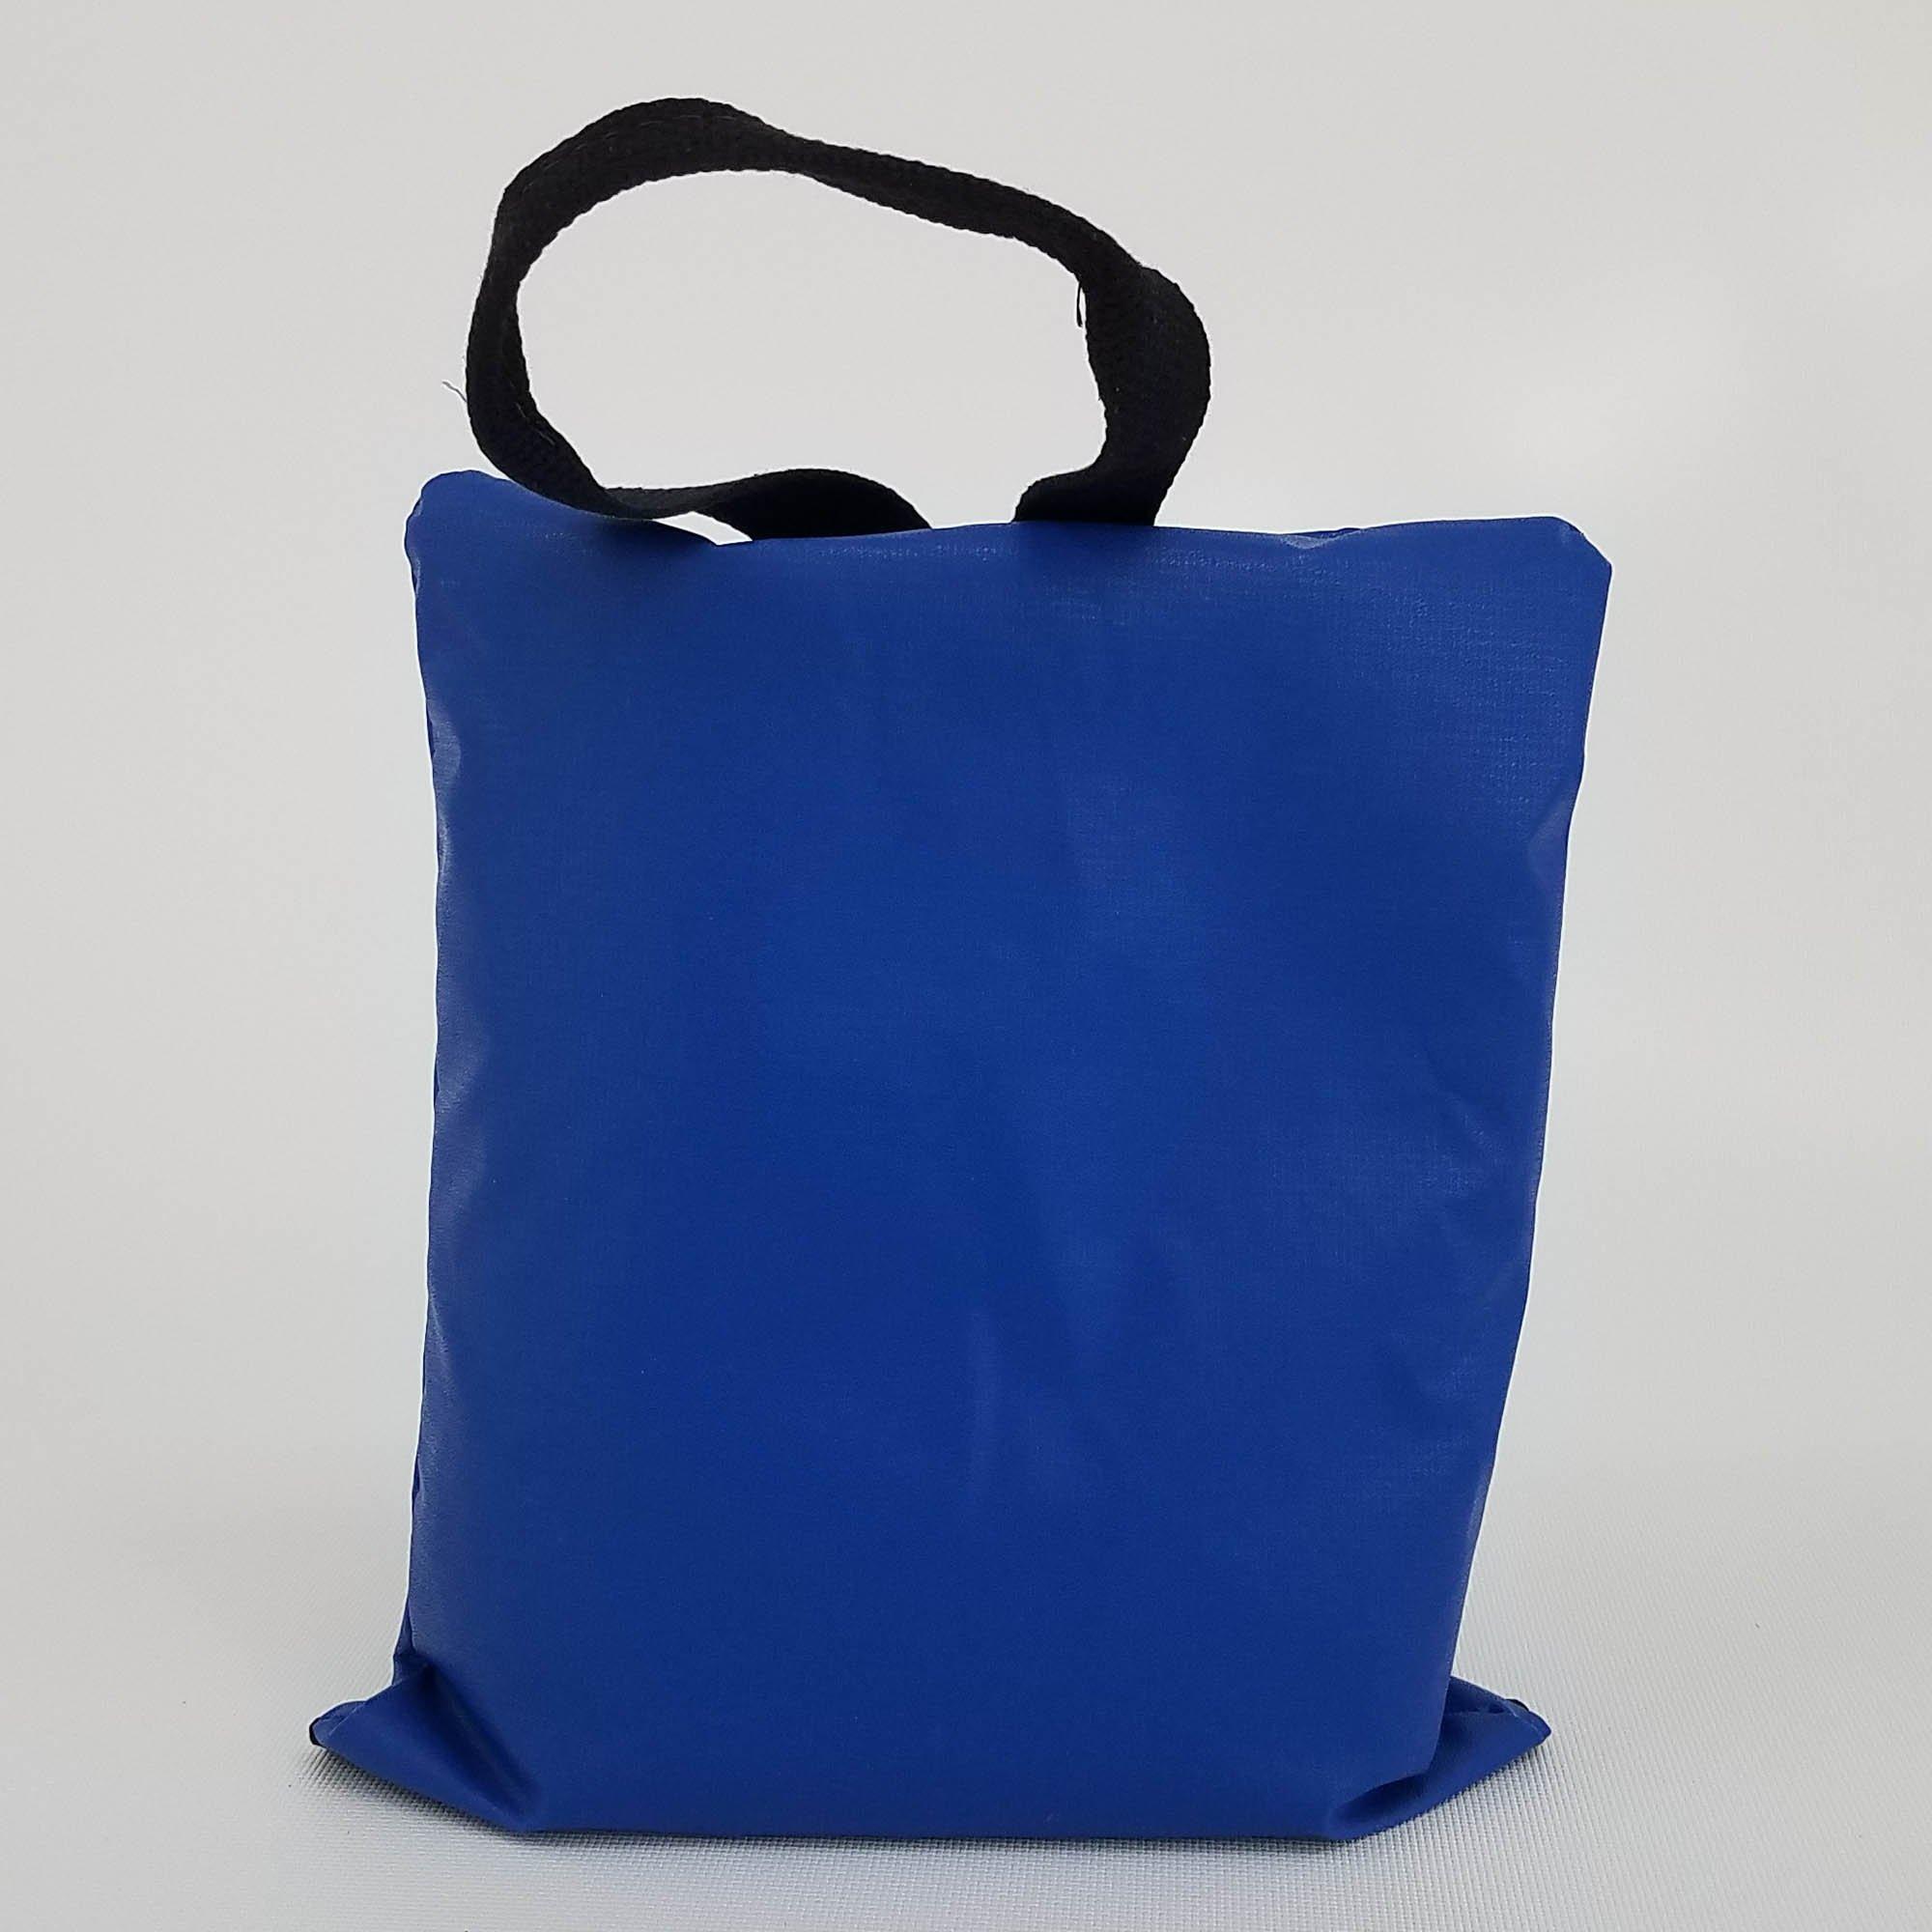 10 Lbs Single Sandbag - Size 11